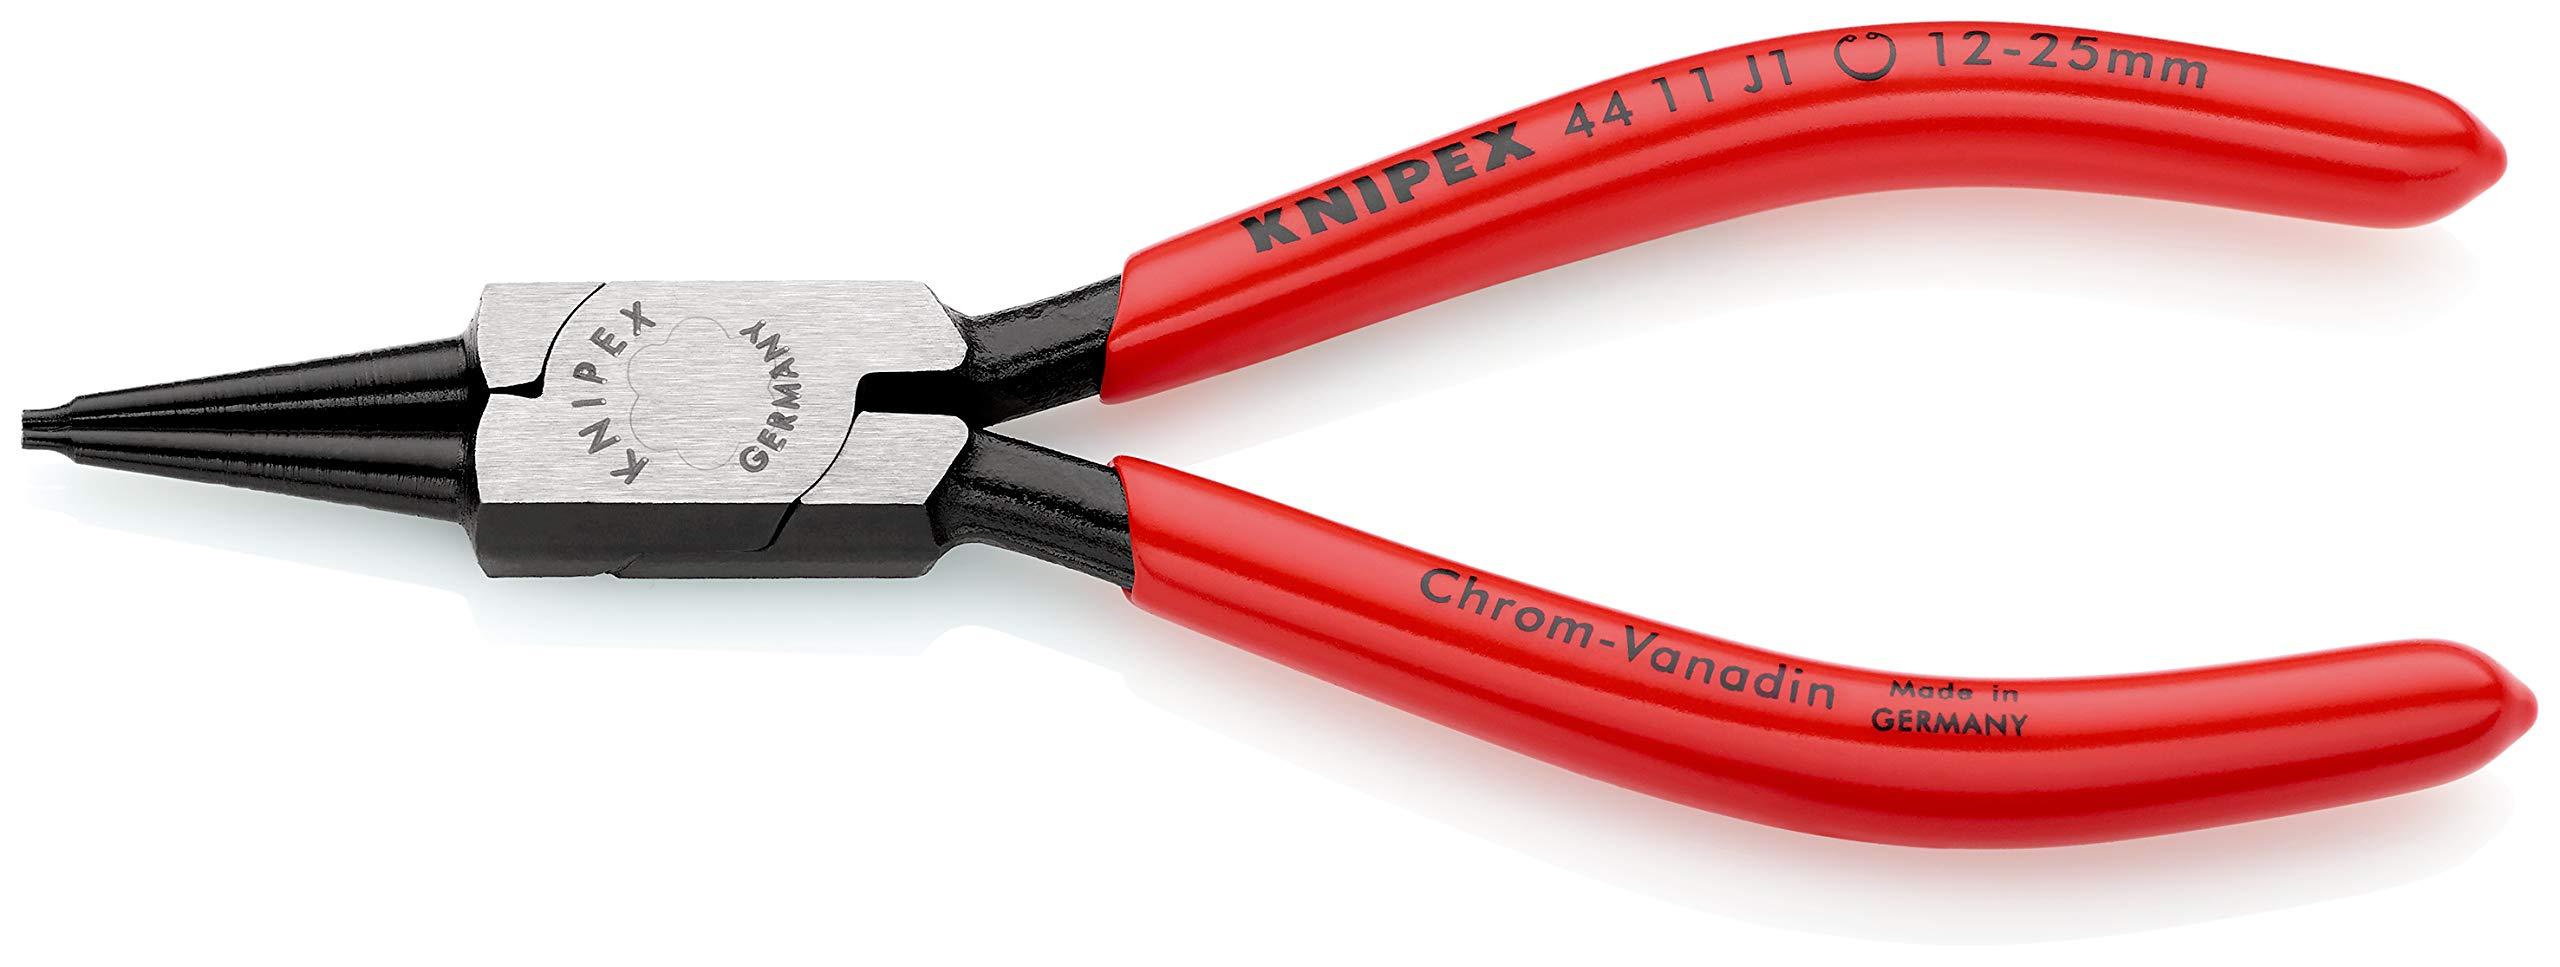 KNIPEX 44 11 J1 Alicate para arandelas para arandelas interiores en taladros negro atramentado recubiertos de plástico 140 mm: Amazon.es: Bricolaje y herramientas